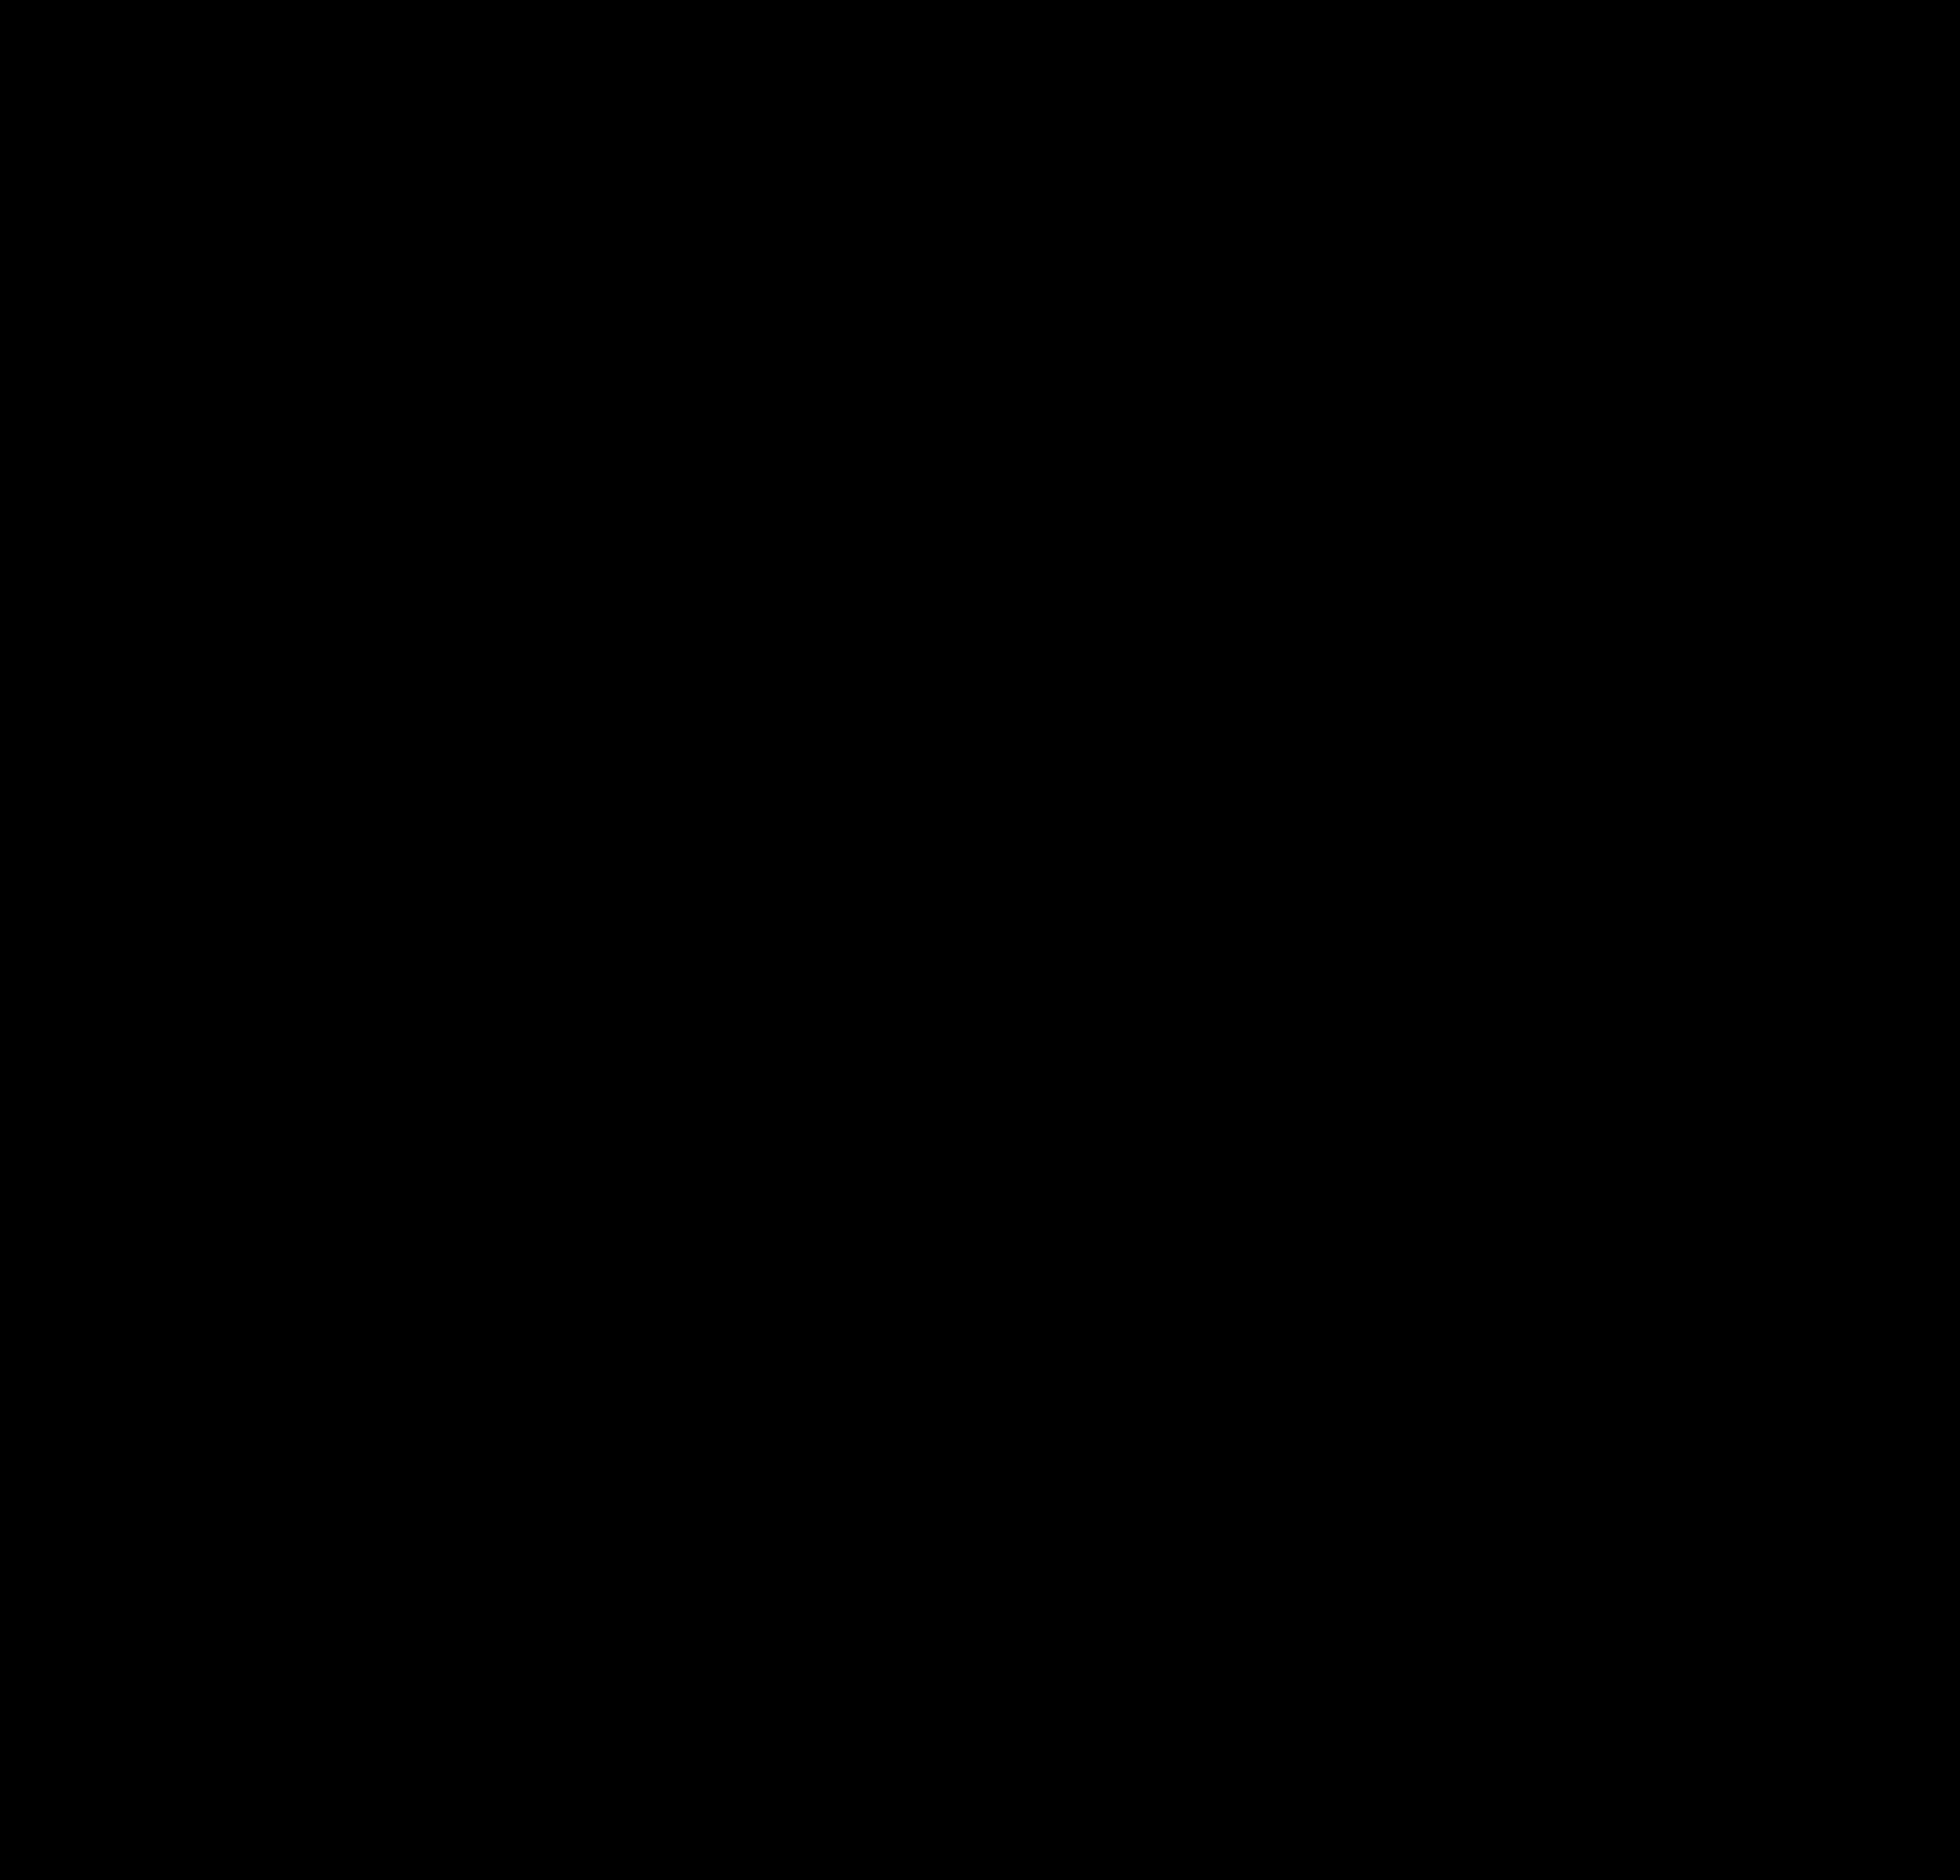 基金申请协助服务-泰杰医学